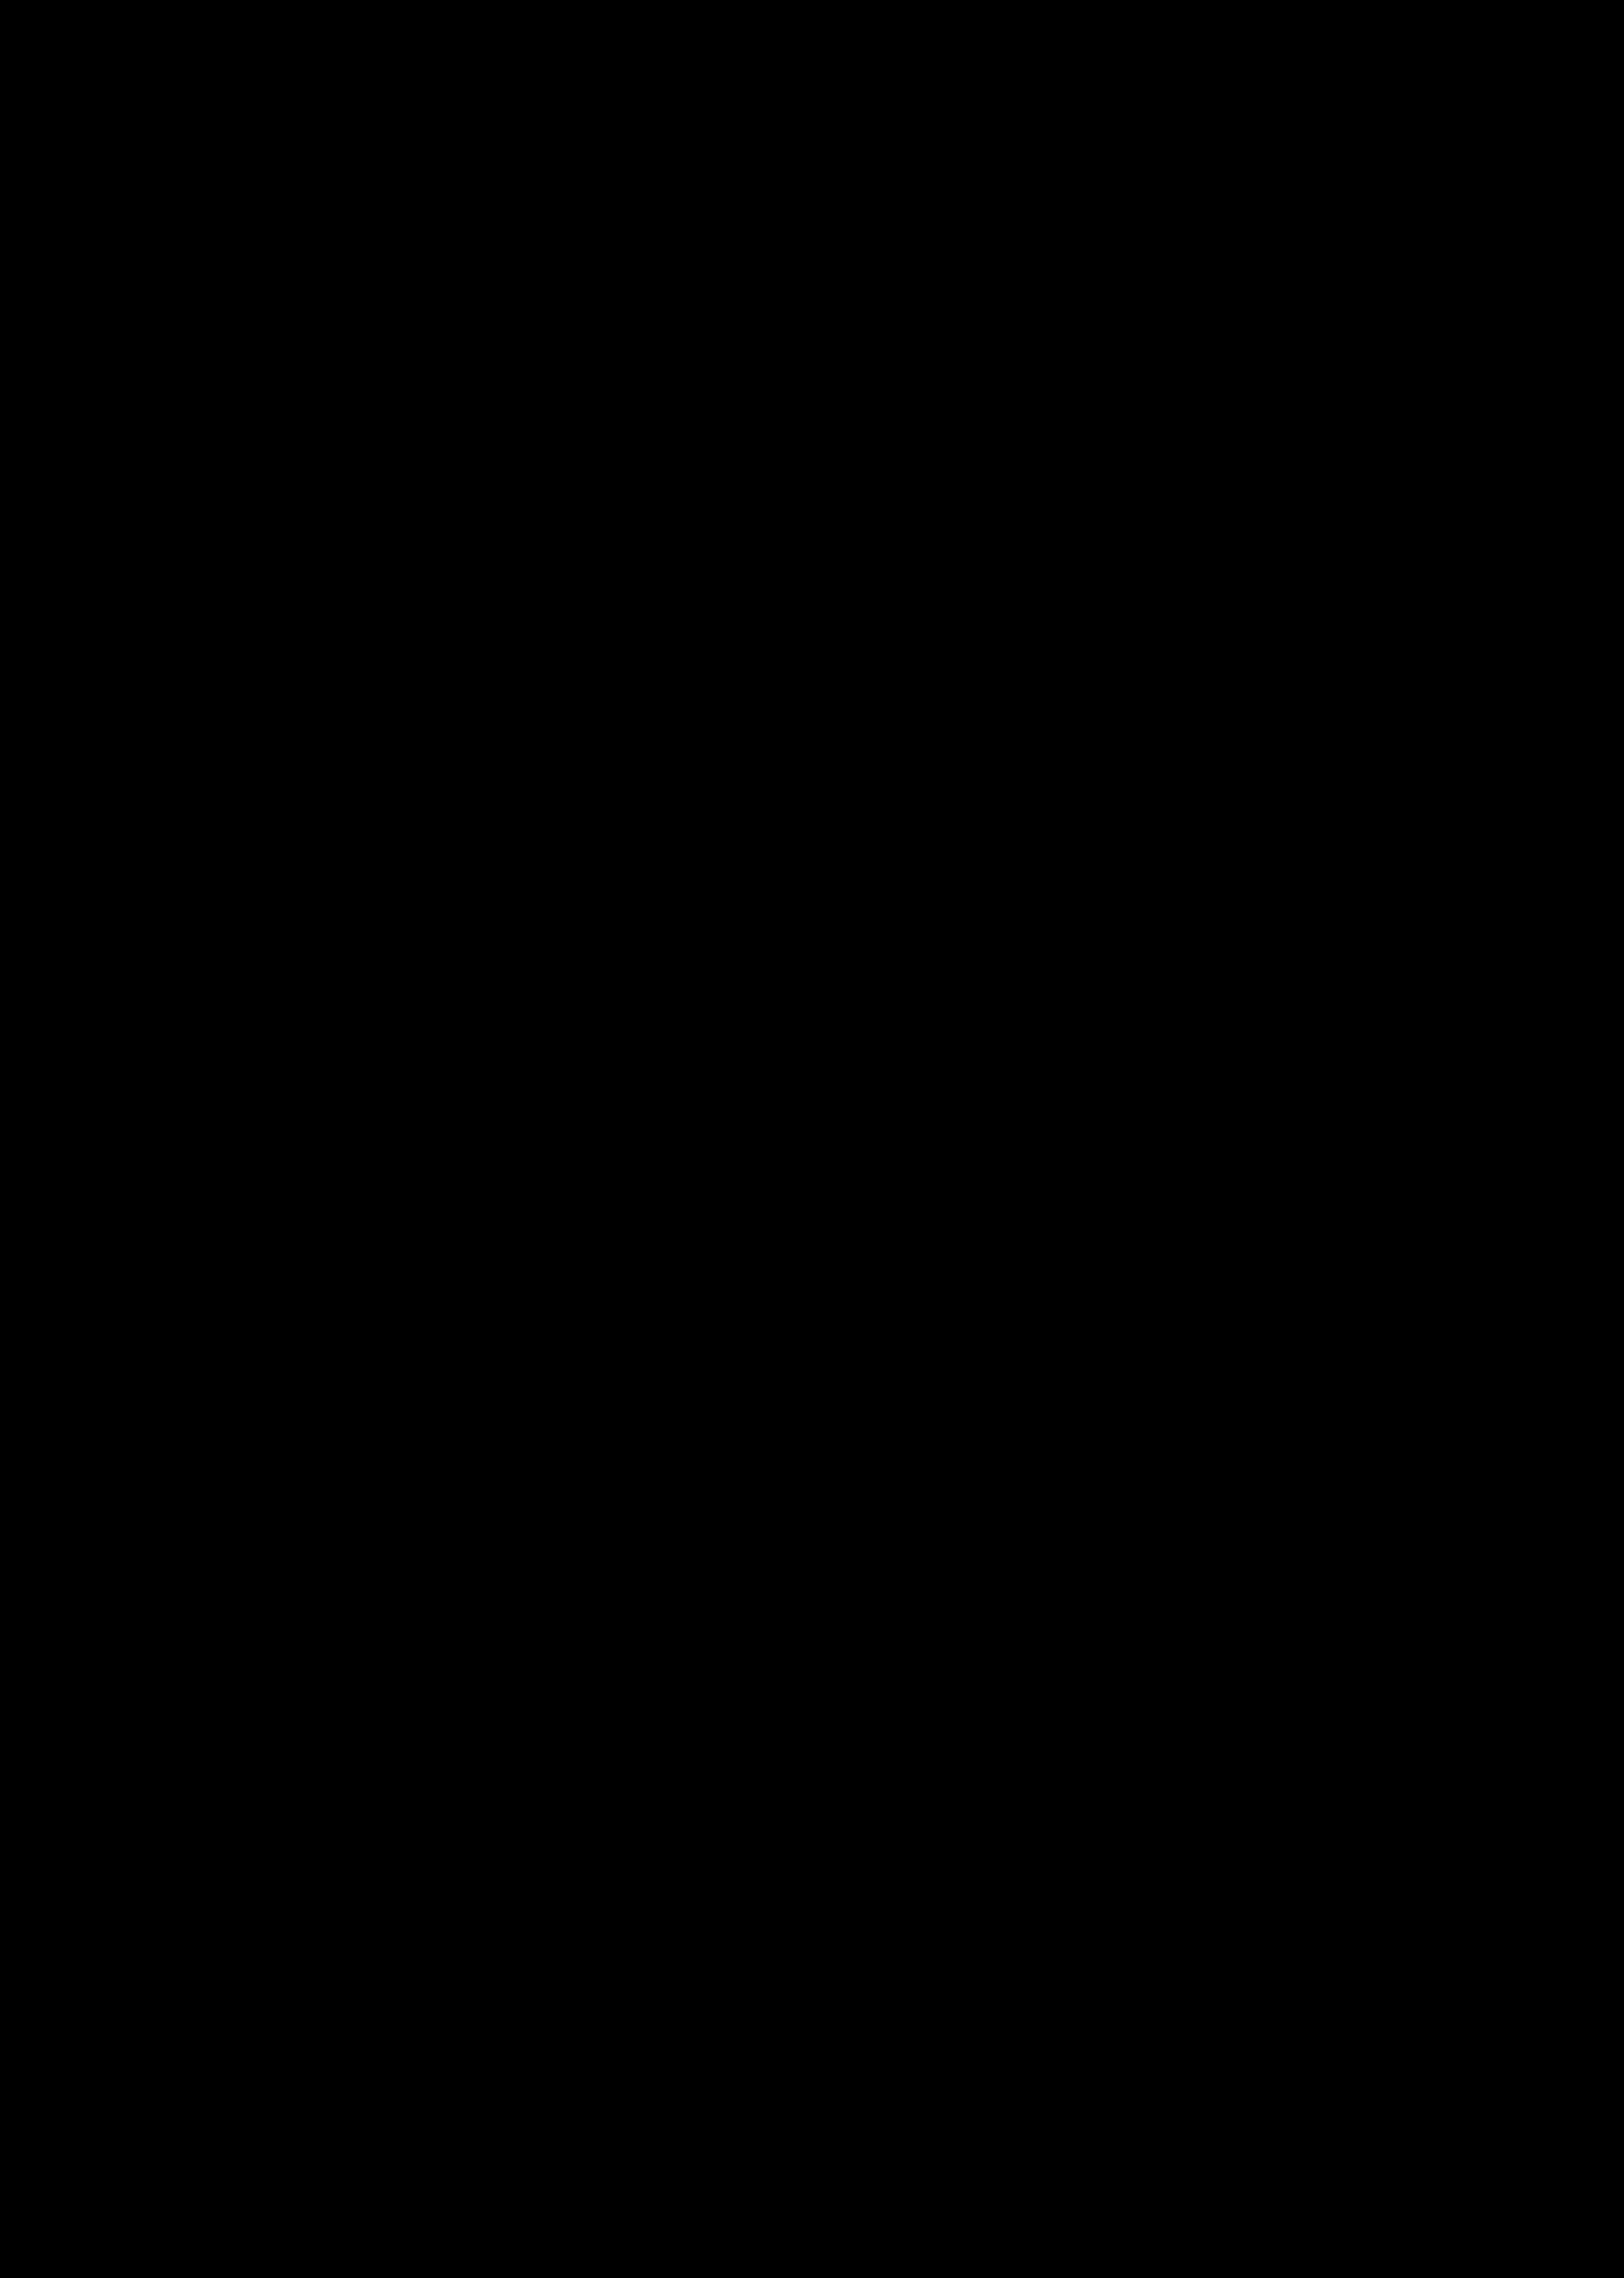 2017陶器市情報①(会場場所とスタンプラリー案内)